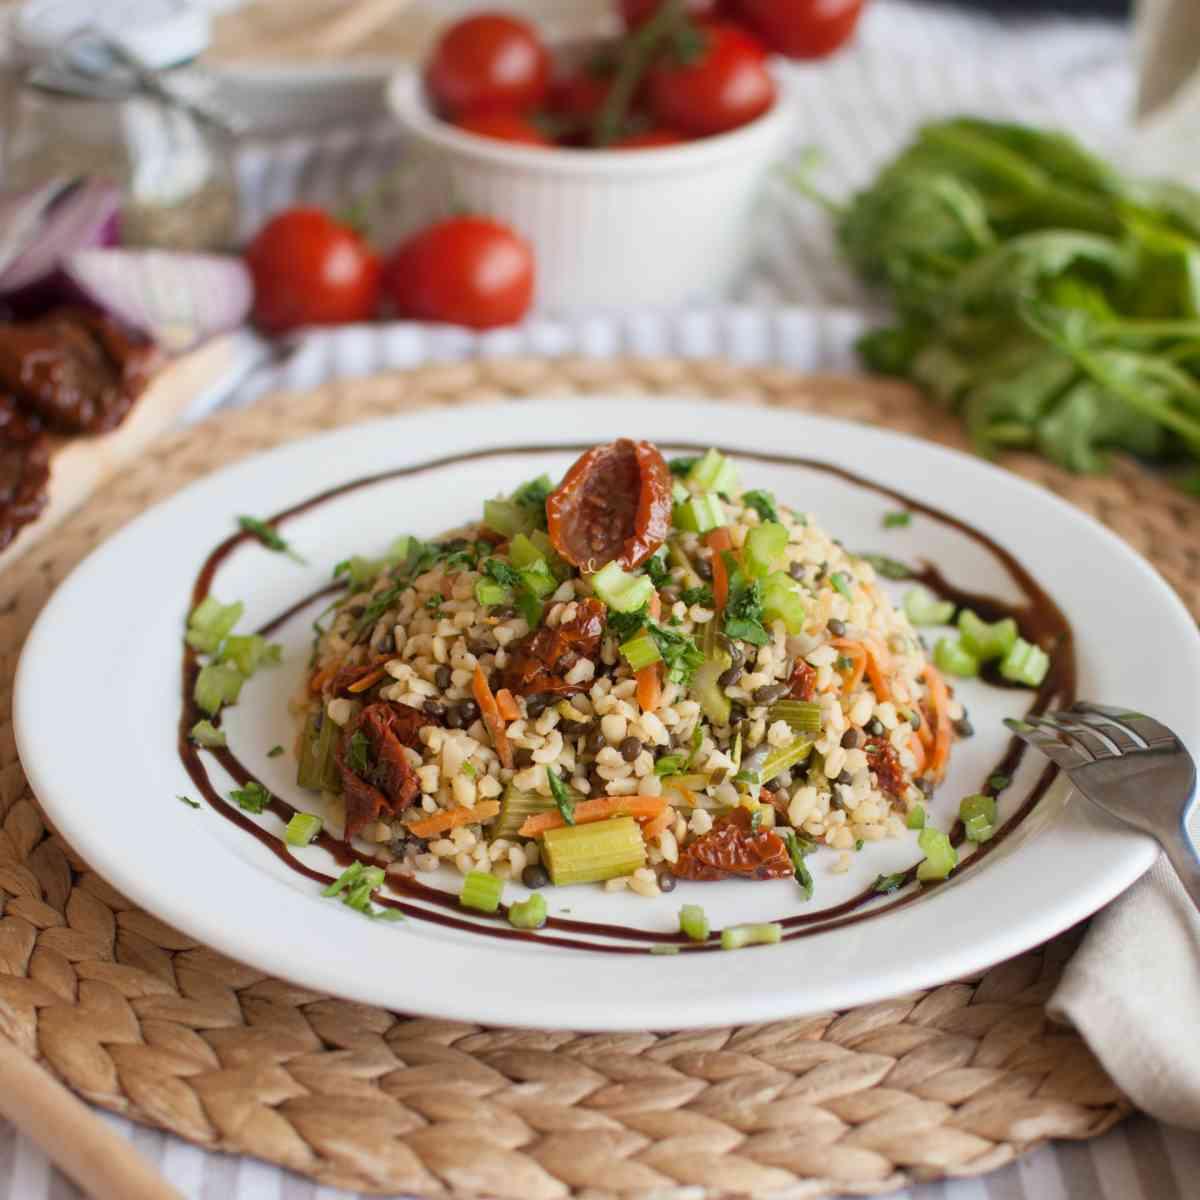 Bulgurové rizoto se sušenými rajčátky, tempehem a zeleninou, jarní salátek